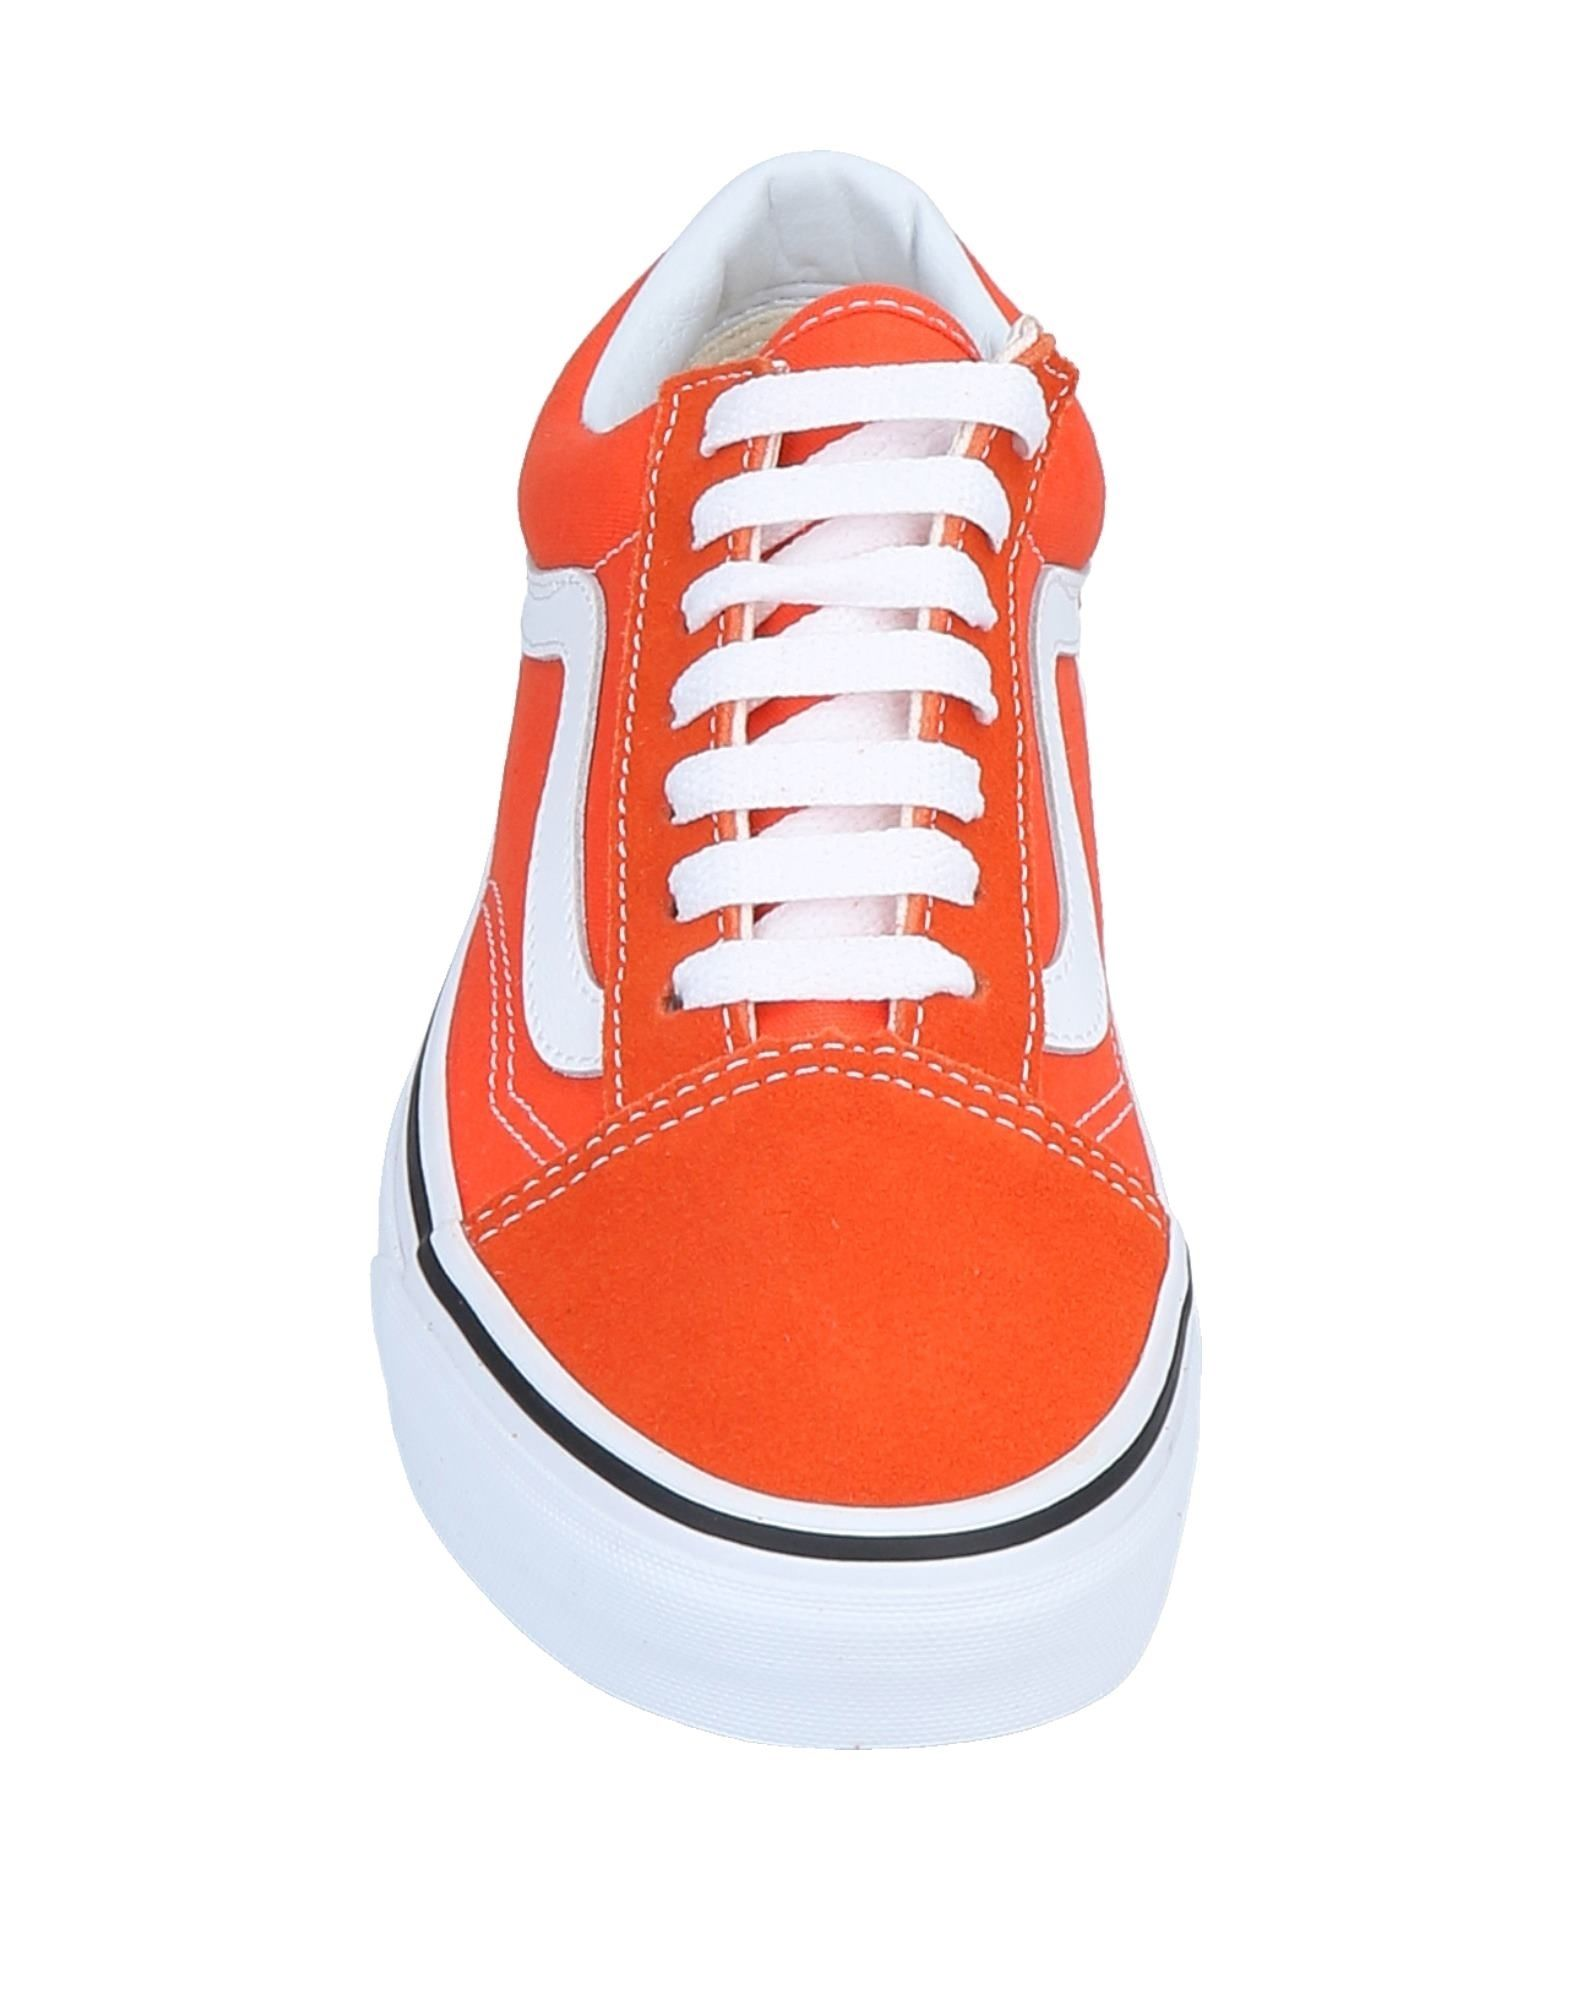 Vans 11567238FL Sneakers Damen  11567238FL Vans Gute Qualität beliebte Schuhe 5da699